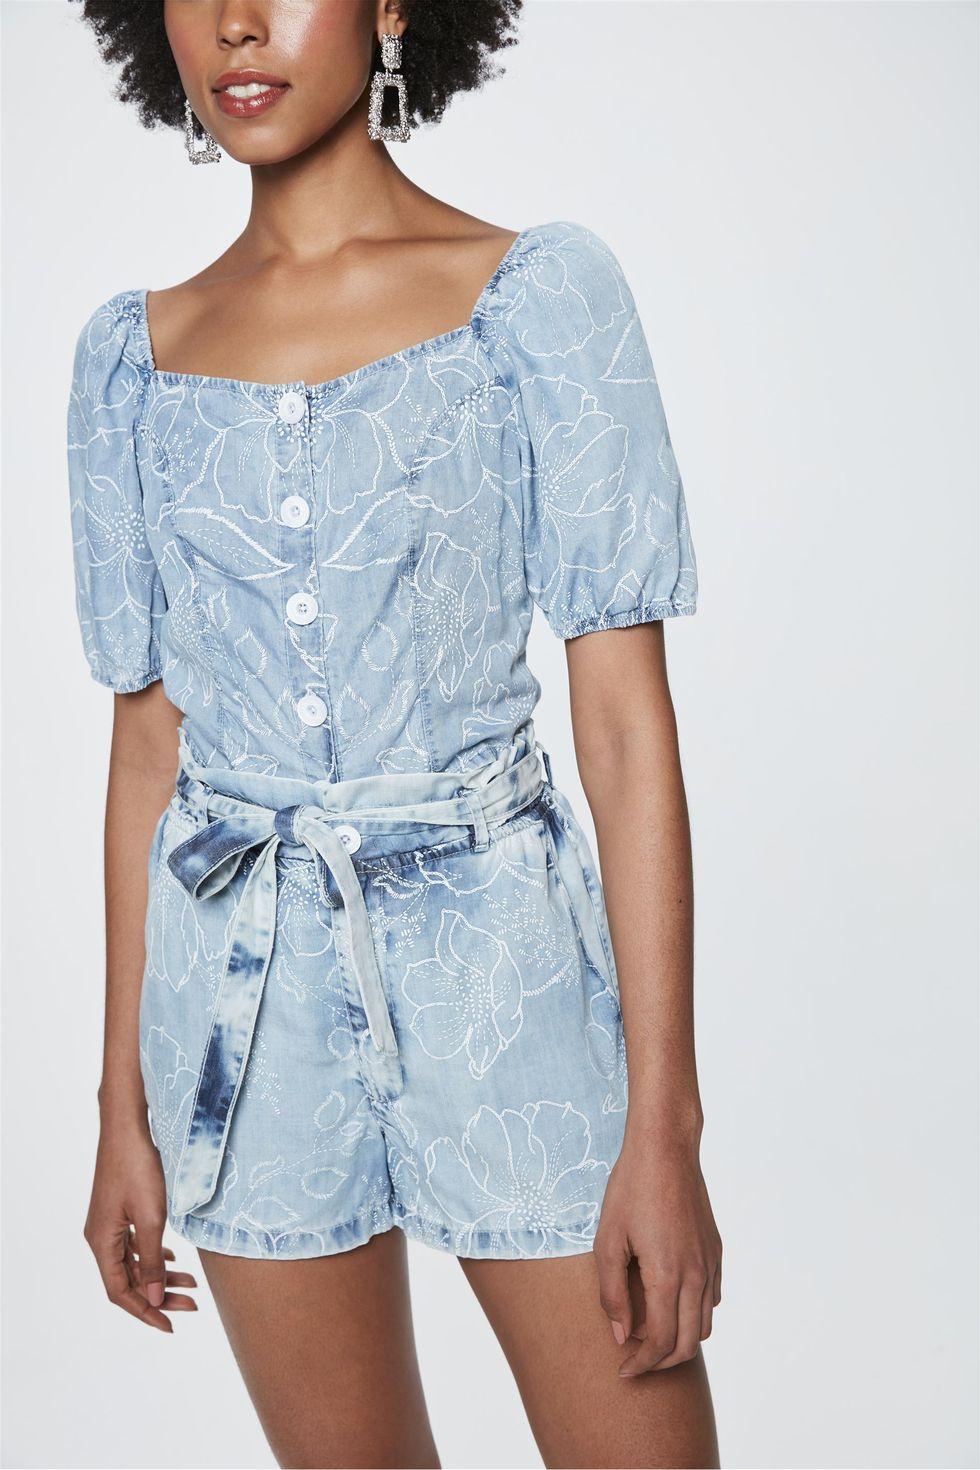 Short-Jeans-Mini-Clochard-Floral-Frente--